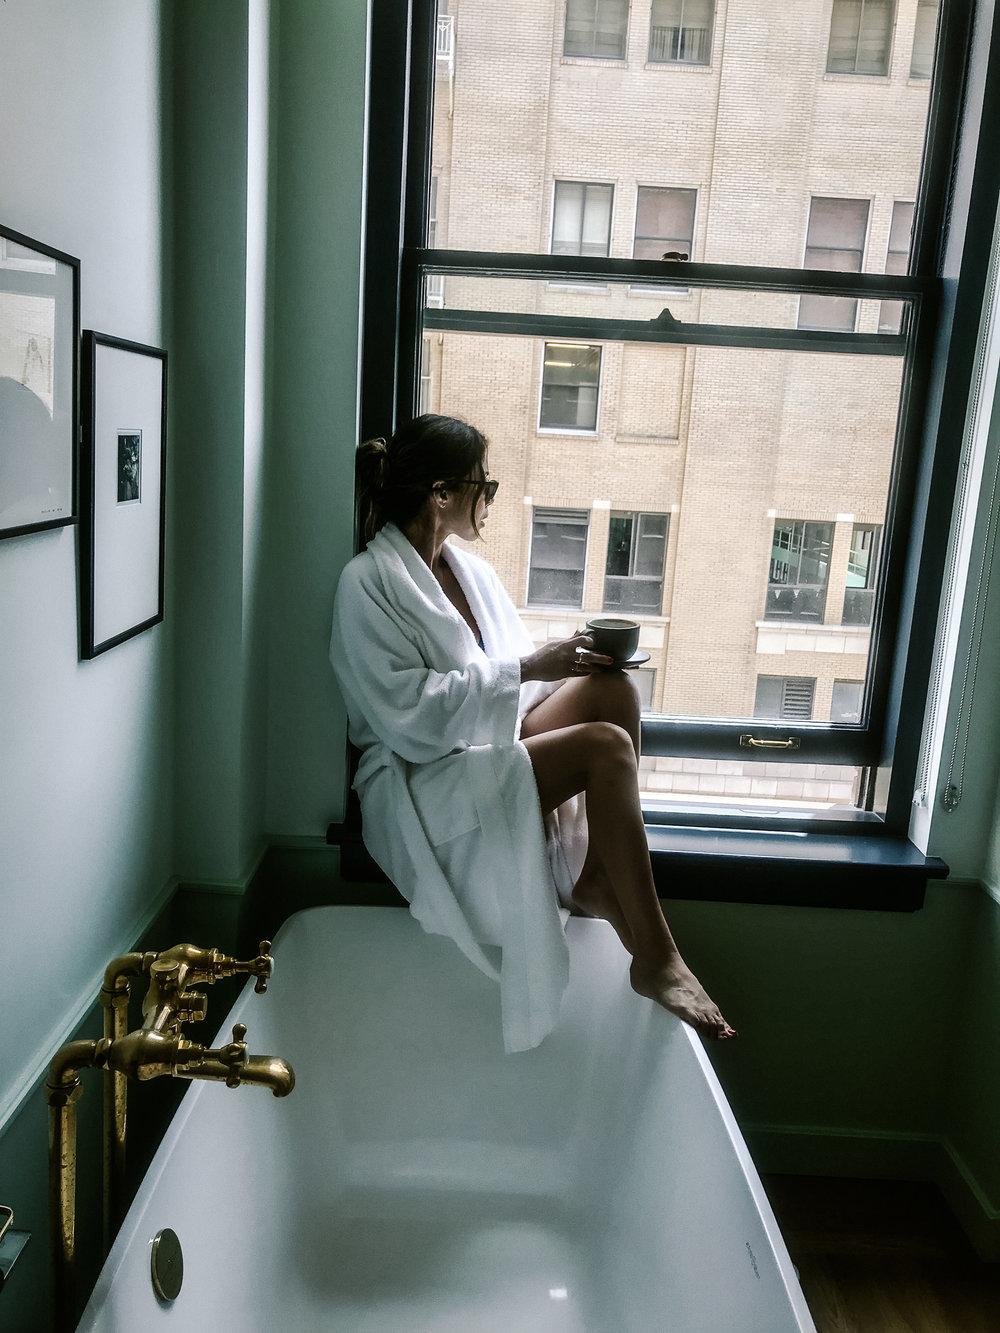 AshleyCampuzanoBlog_Nomad-Hotel_ACexplores_AshleyCampuzanoActress_@CampuzanoAshley_11.jpg